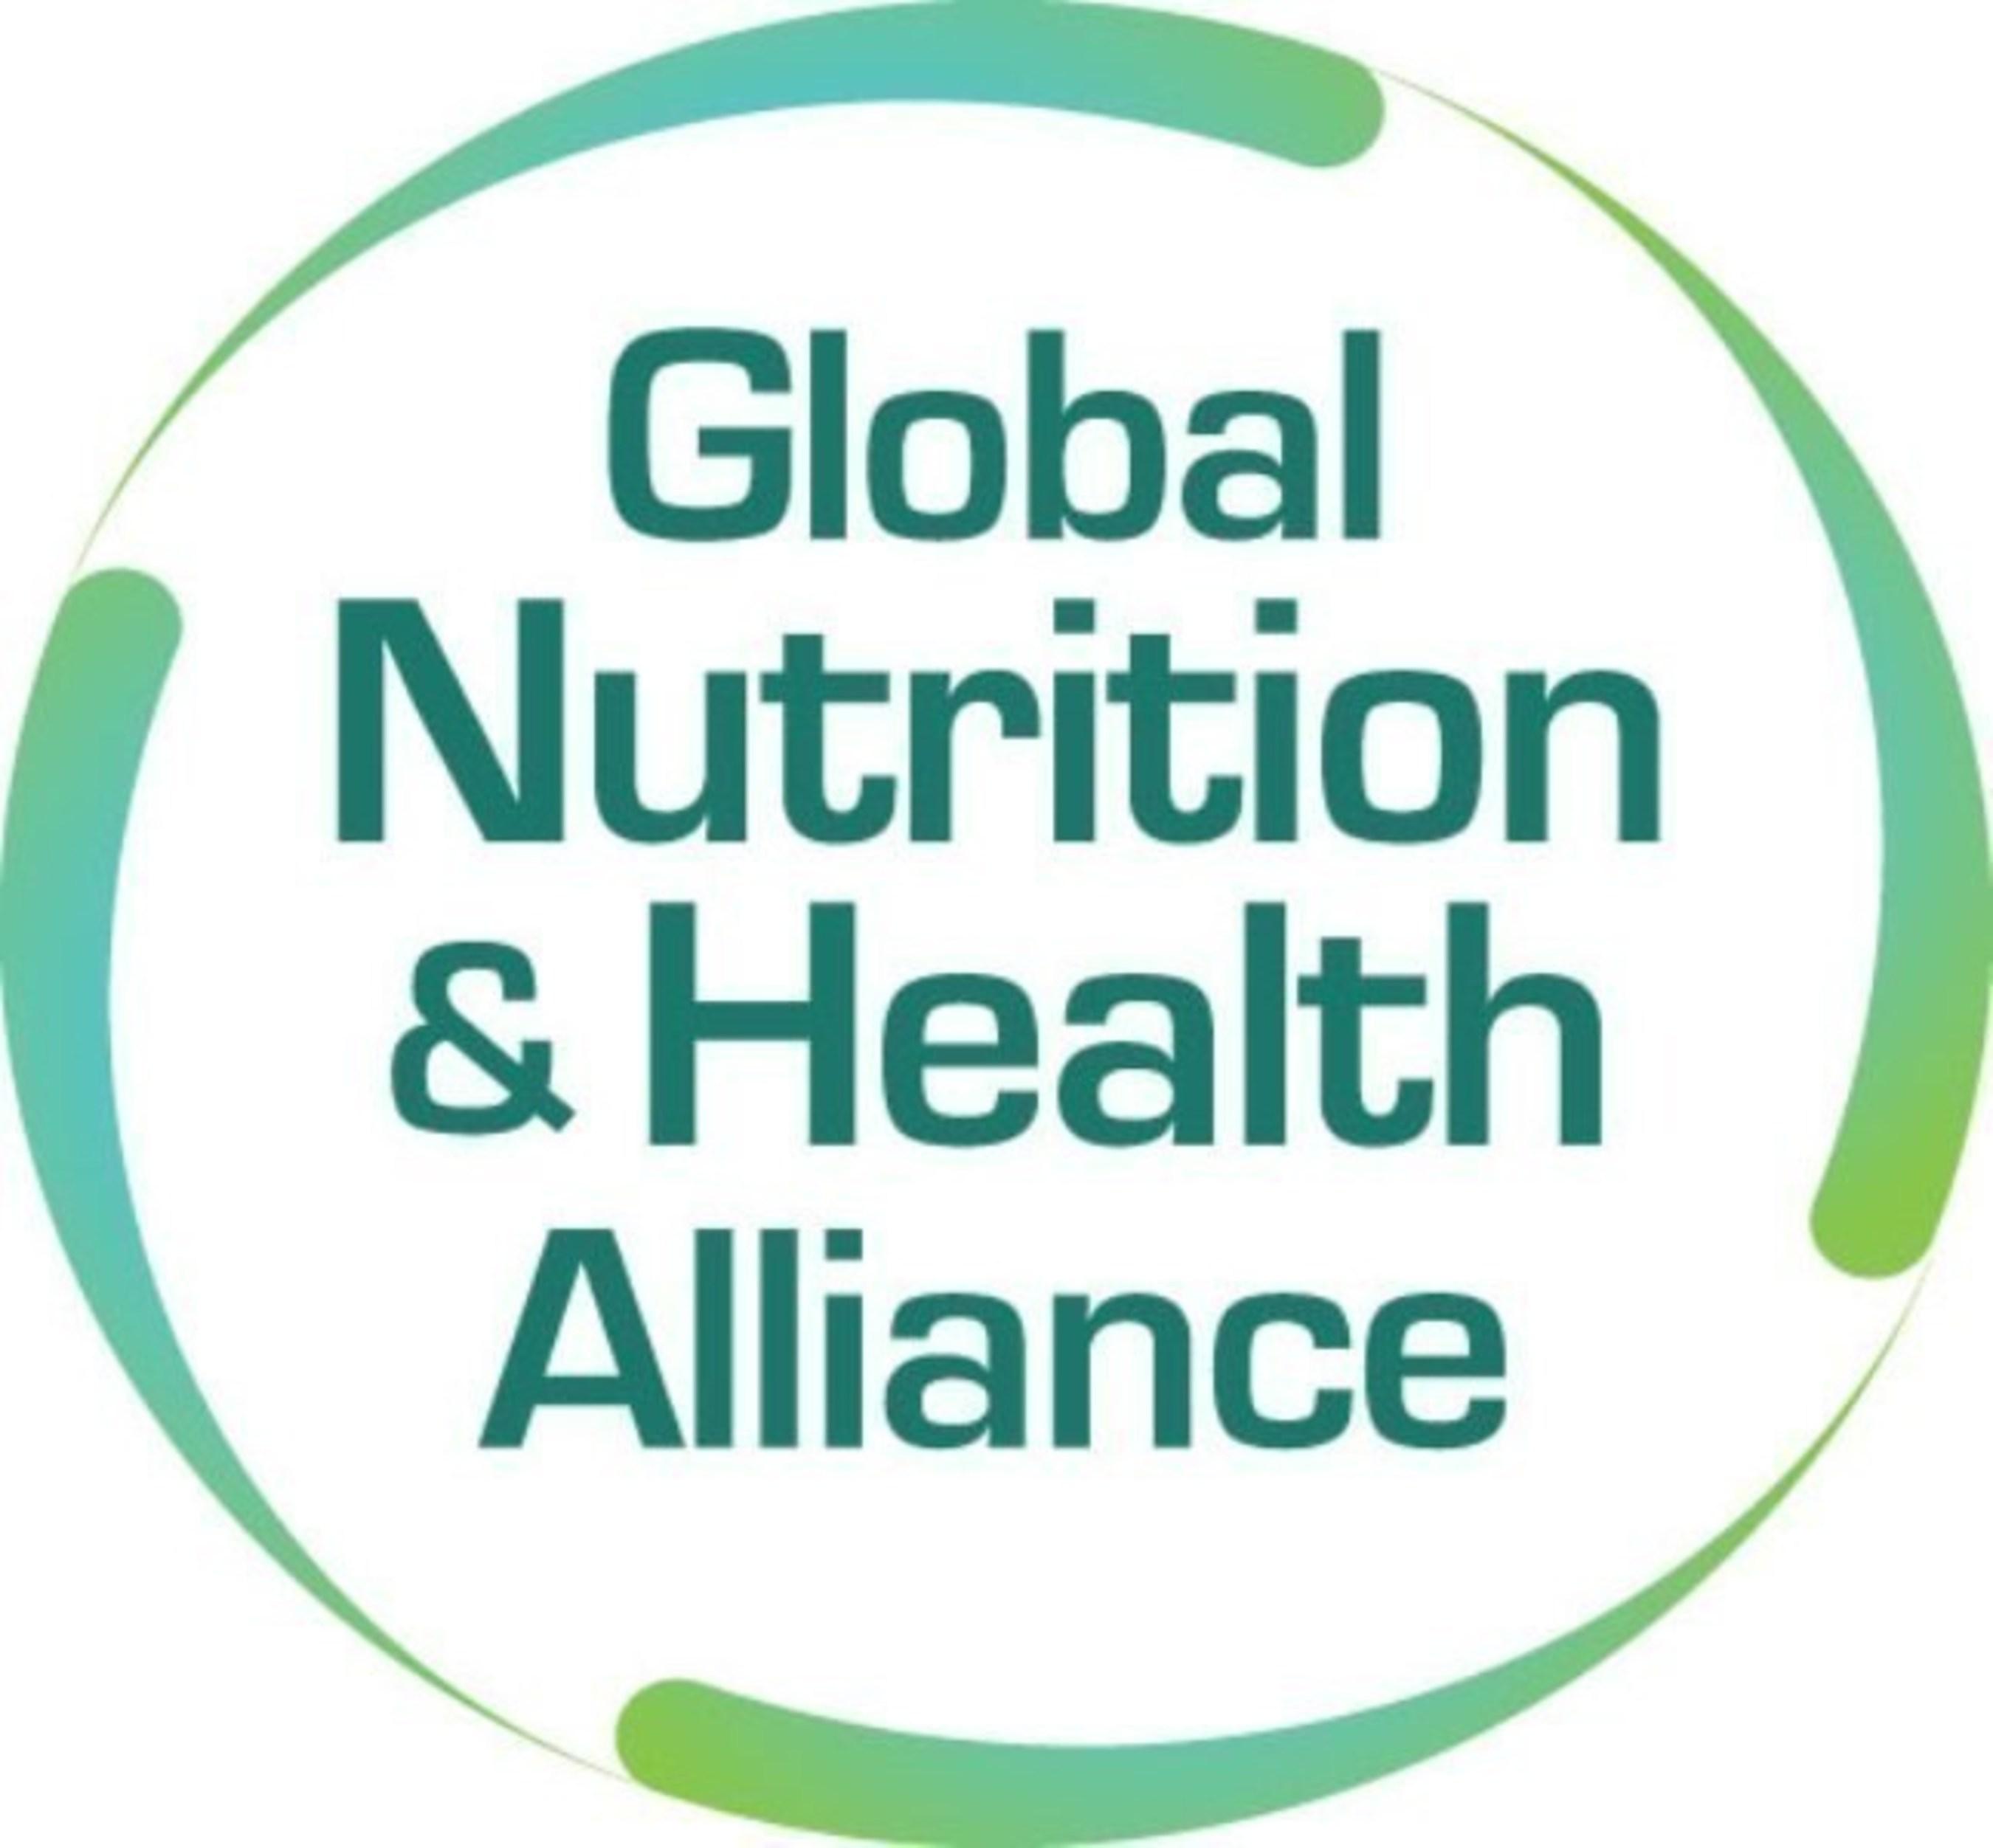 Une enquête renforce le besoin d'une meilleure compréhension des carences alimentaires et de la